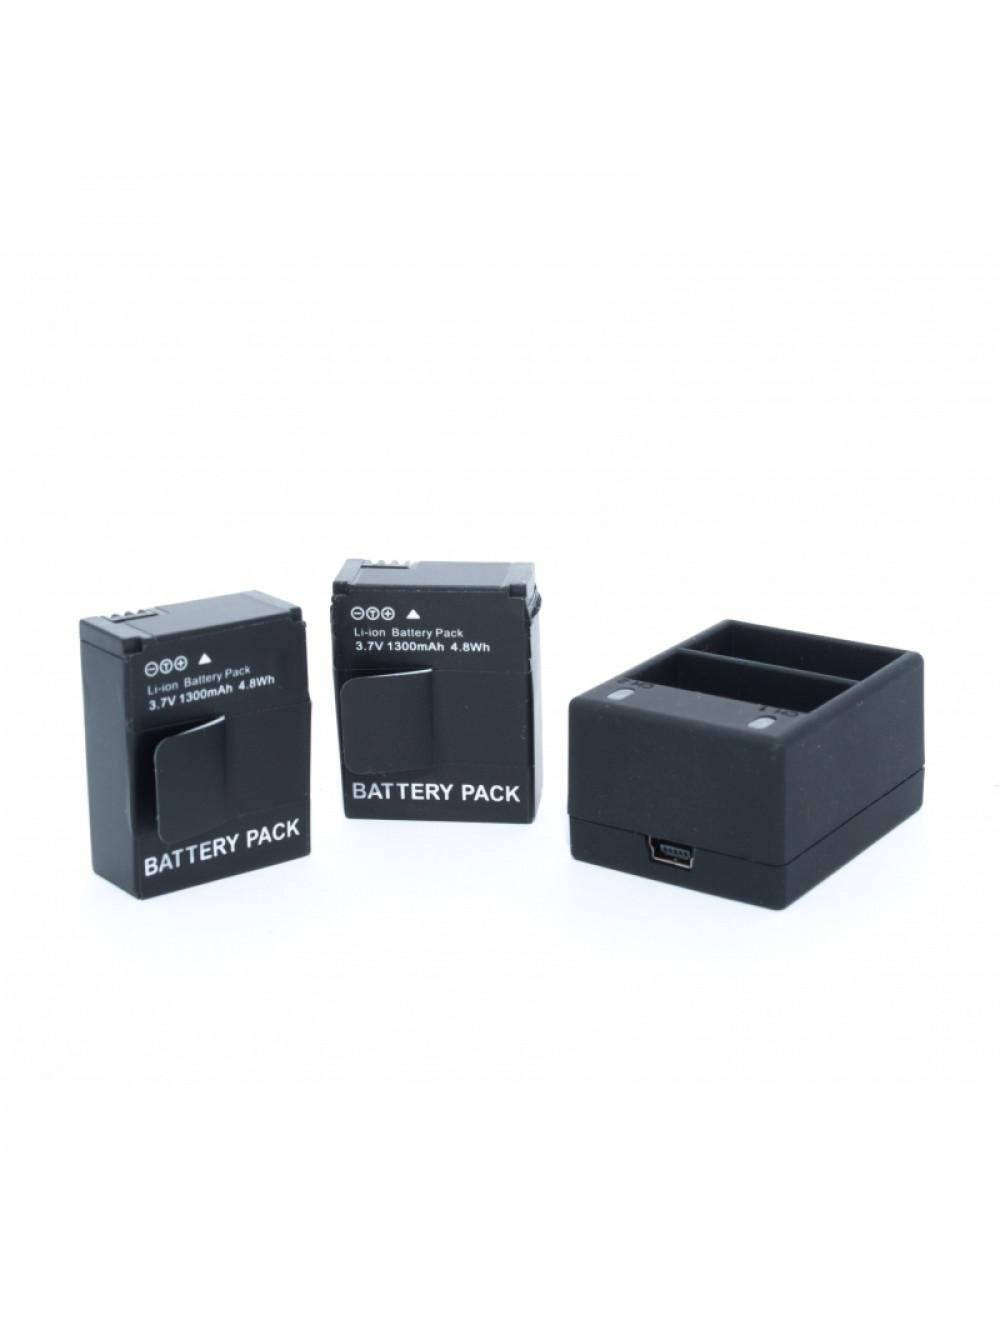 Комплект 2 батареи для GoPro HERO 3 + Dual USB Charger